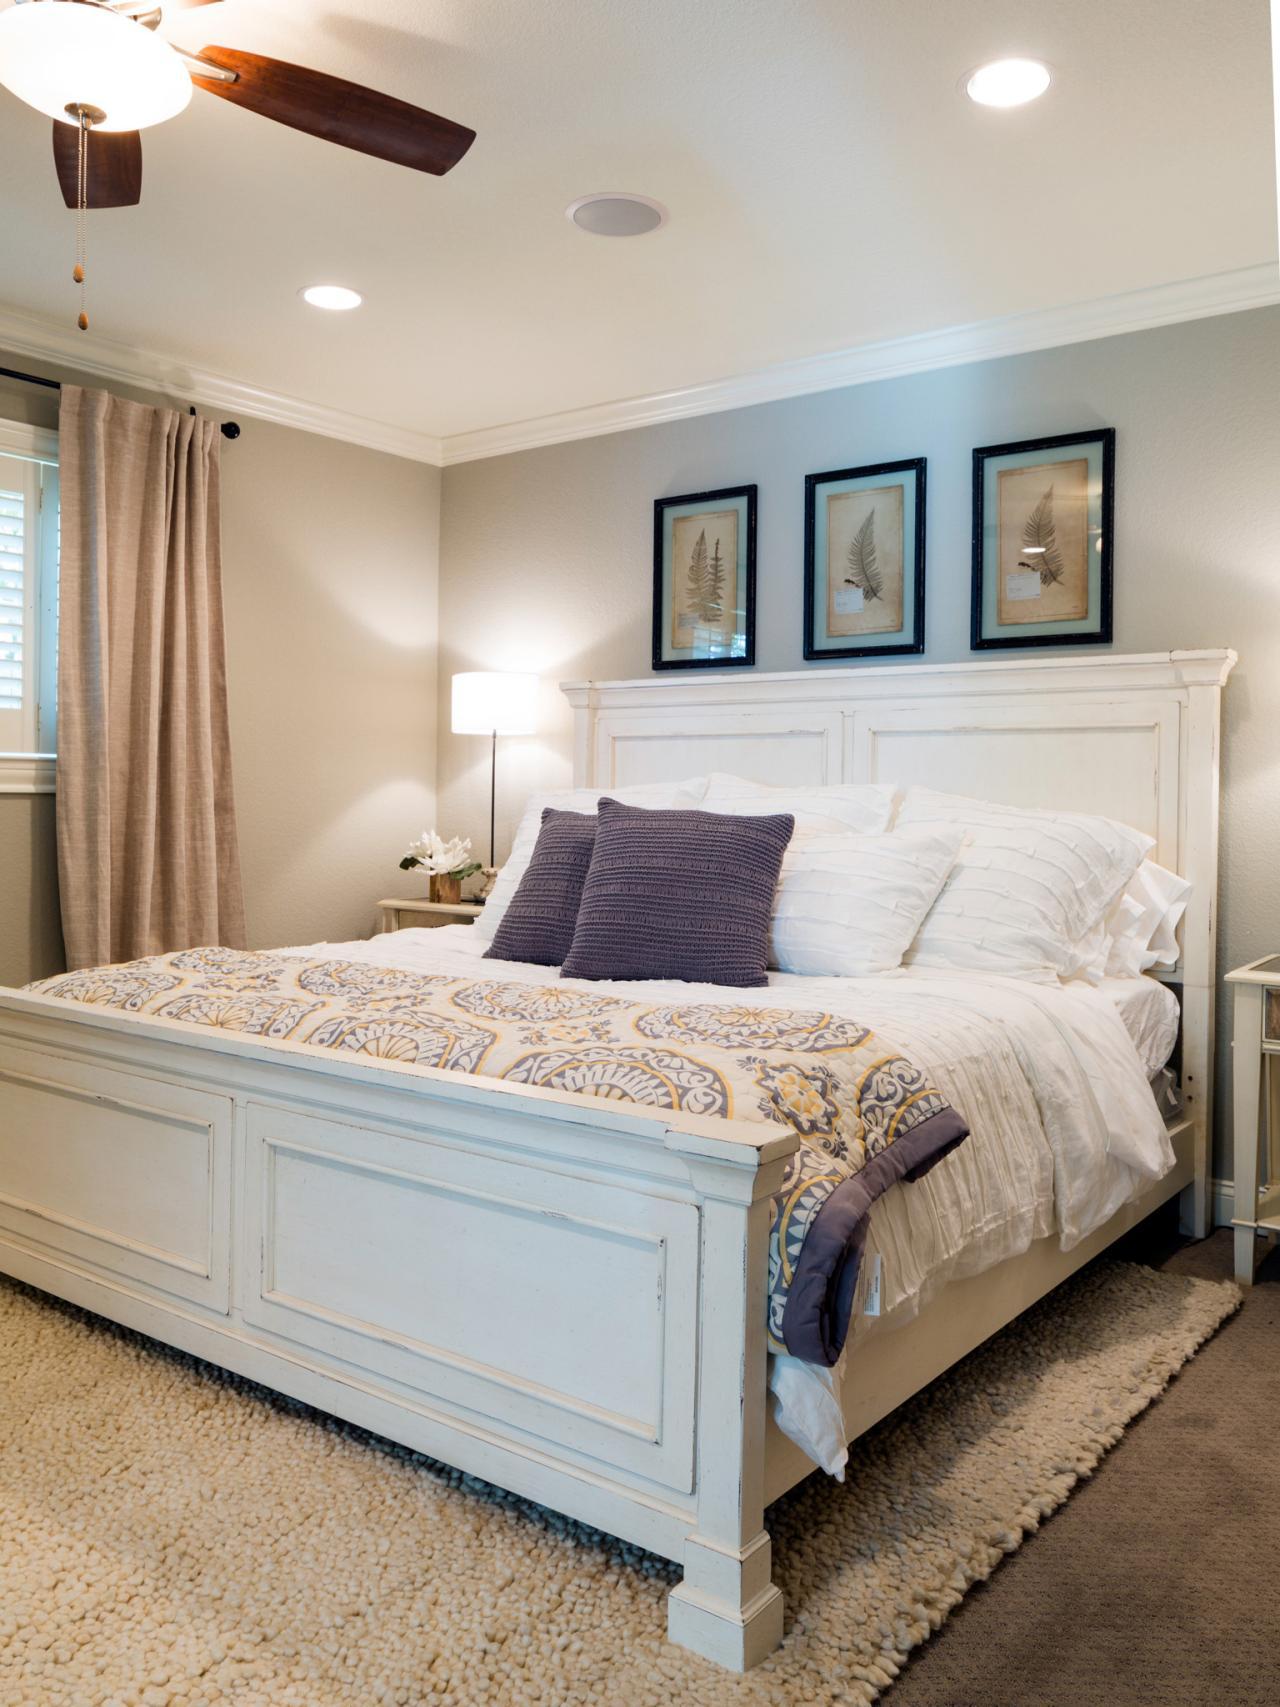 Quiet Joanna Gaines bedroom